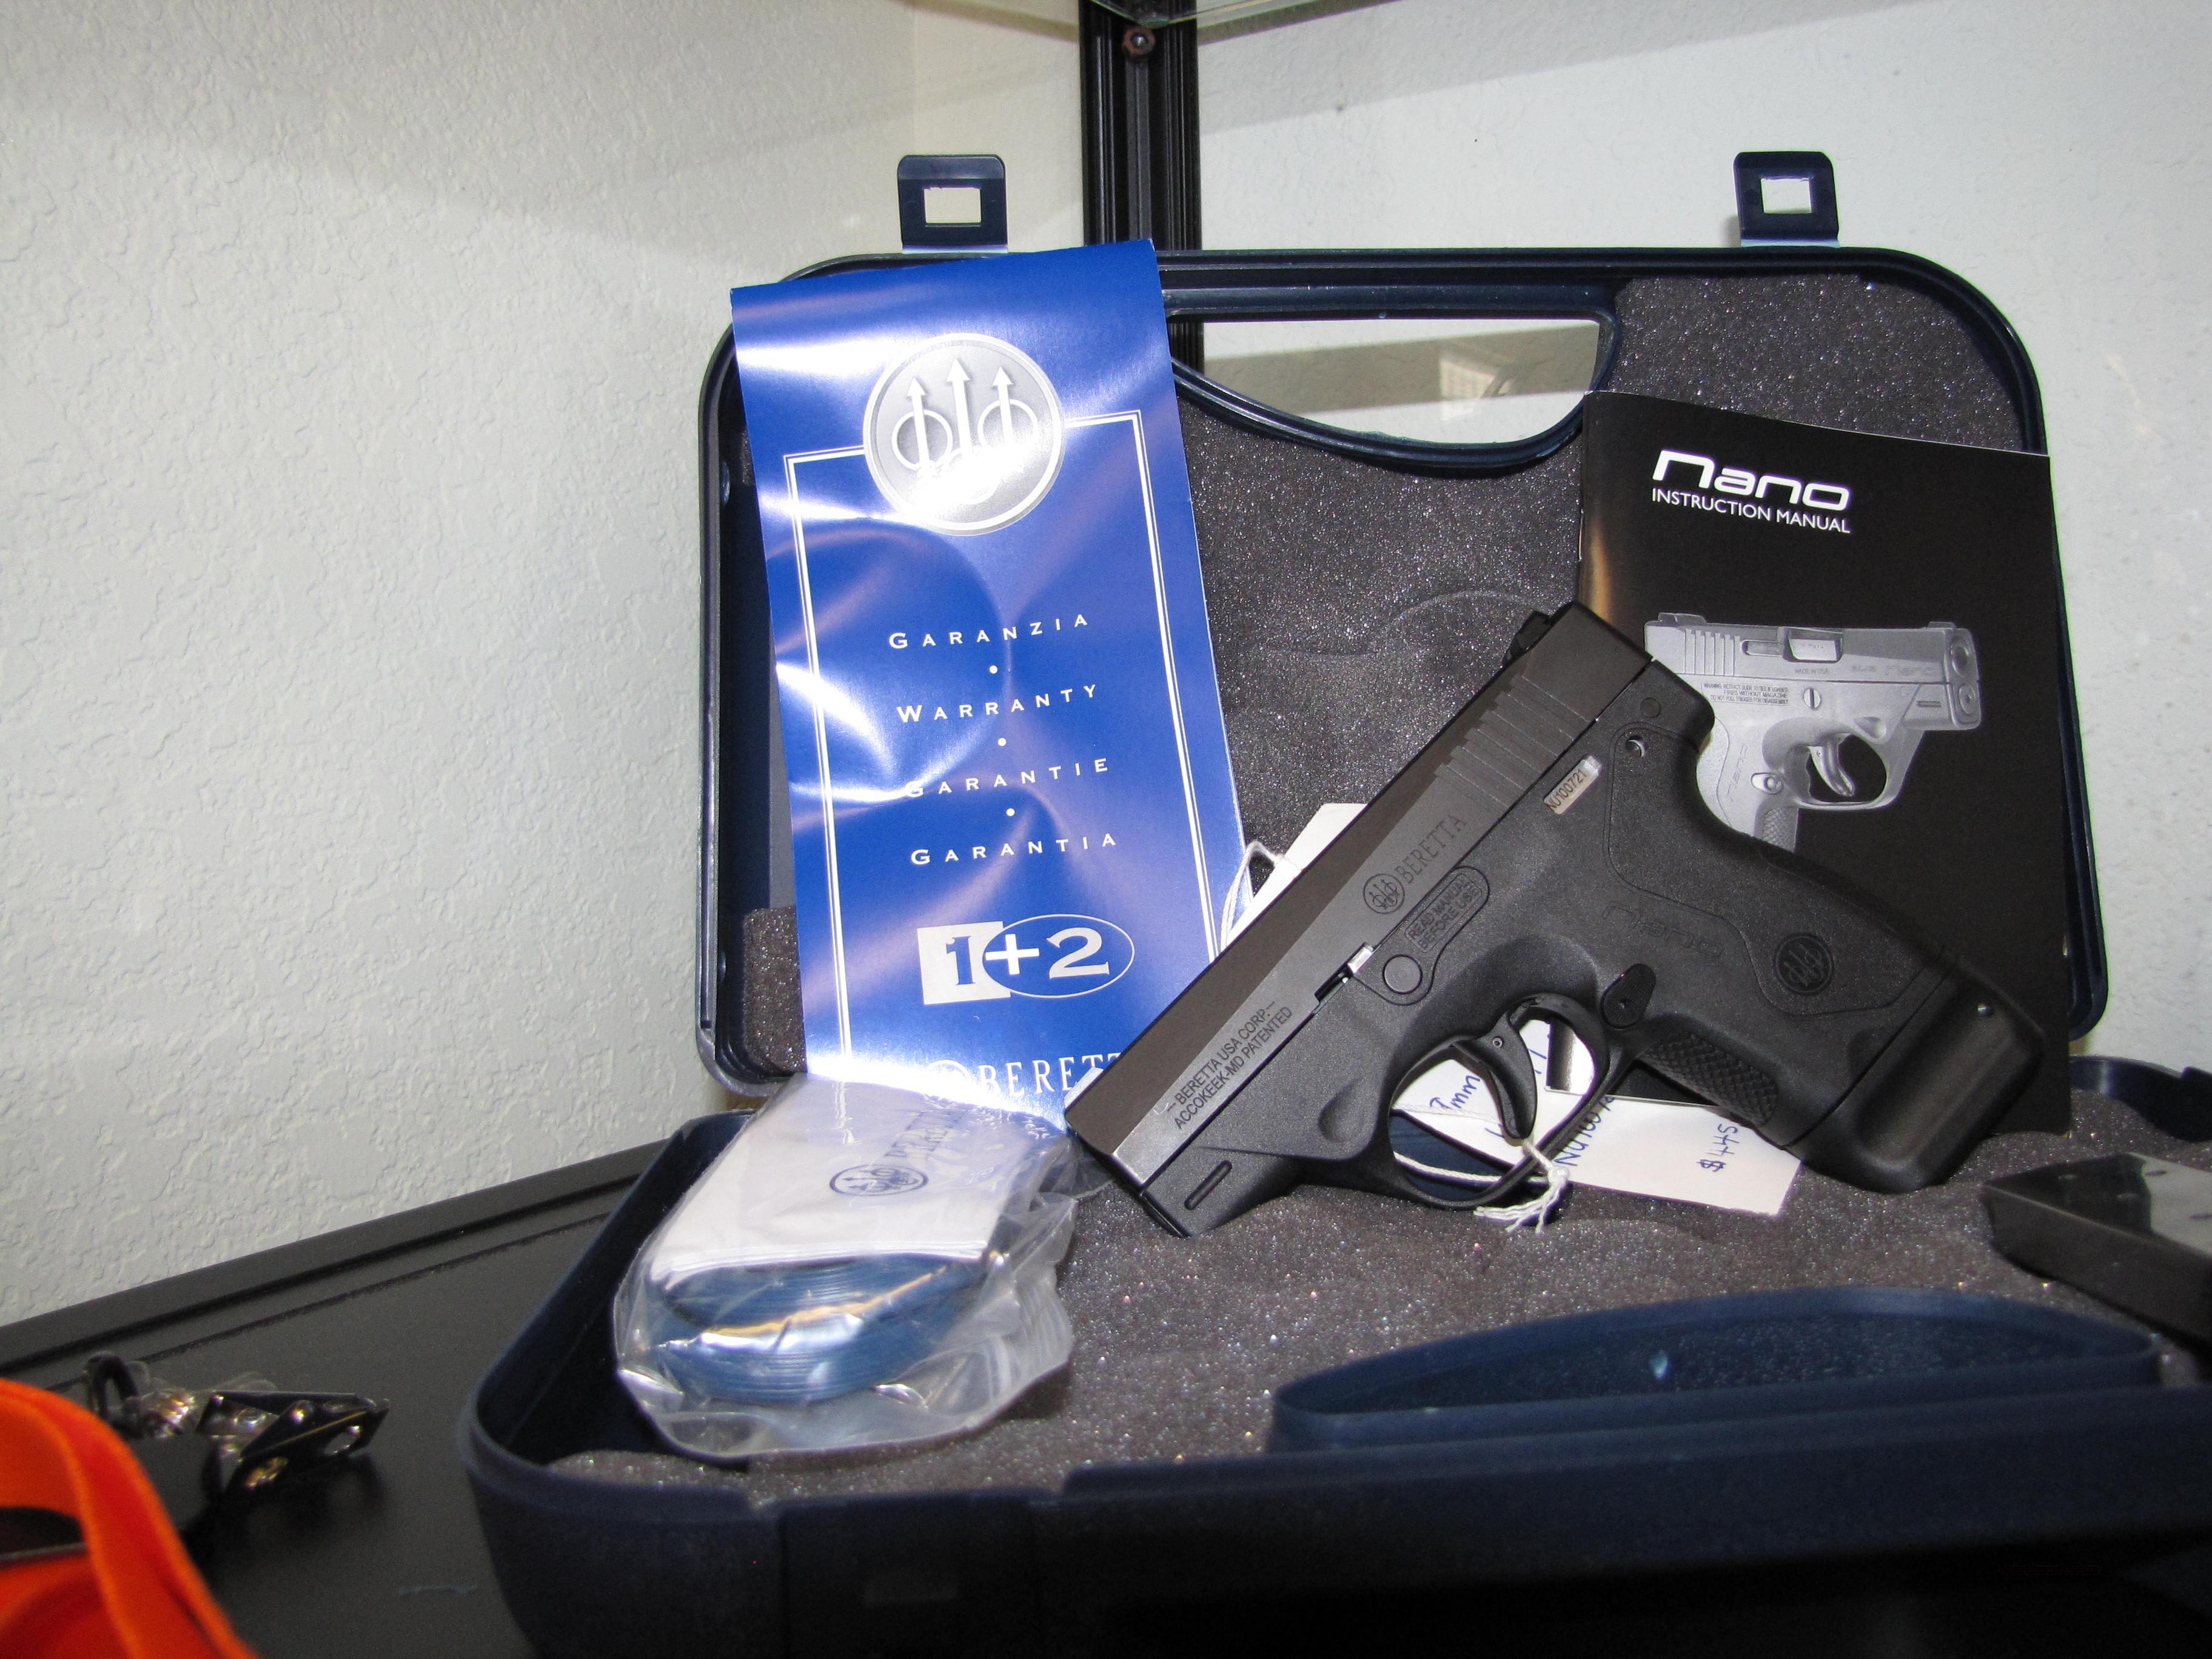 Beretta Nano  Guns > Pistols > Beretta Pistols > Polymer Frame